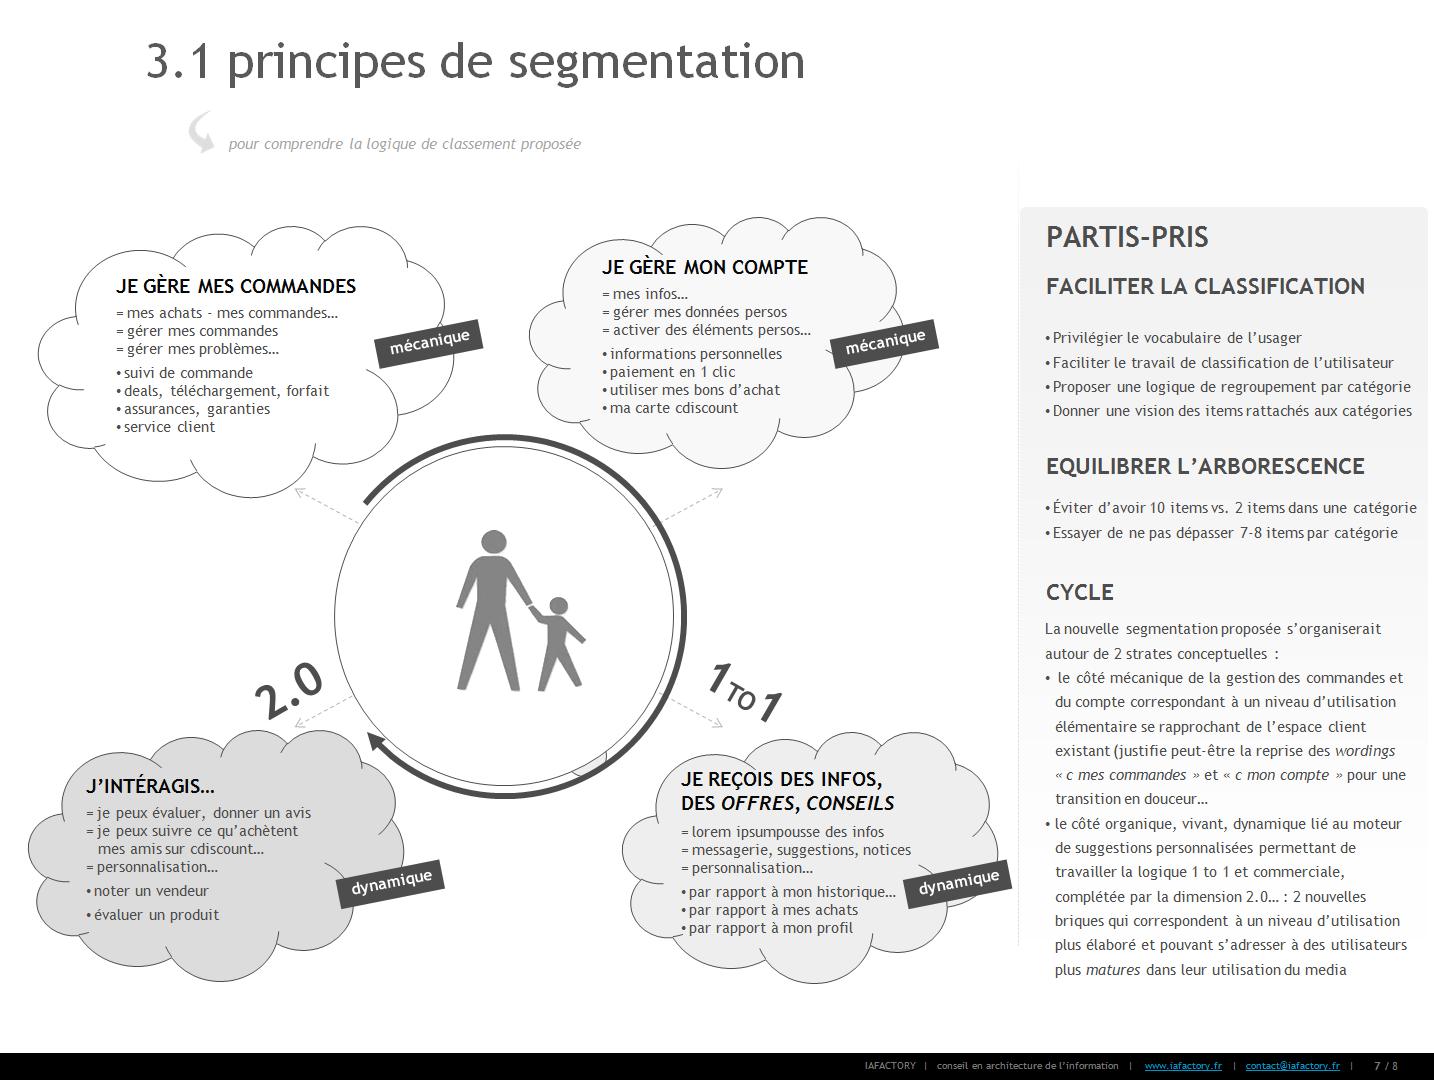 principes-de-segmentation